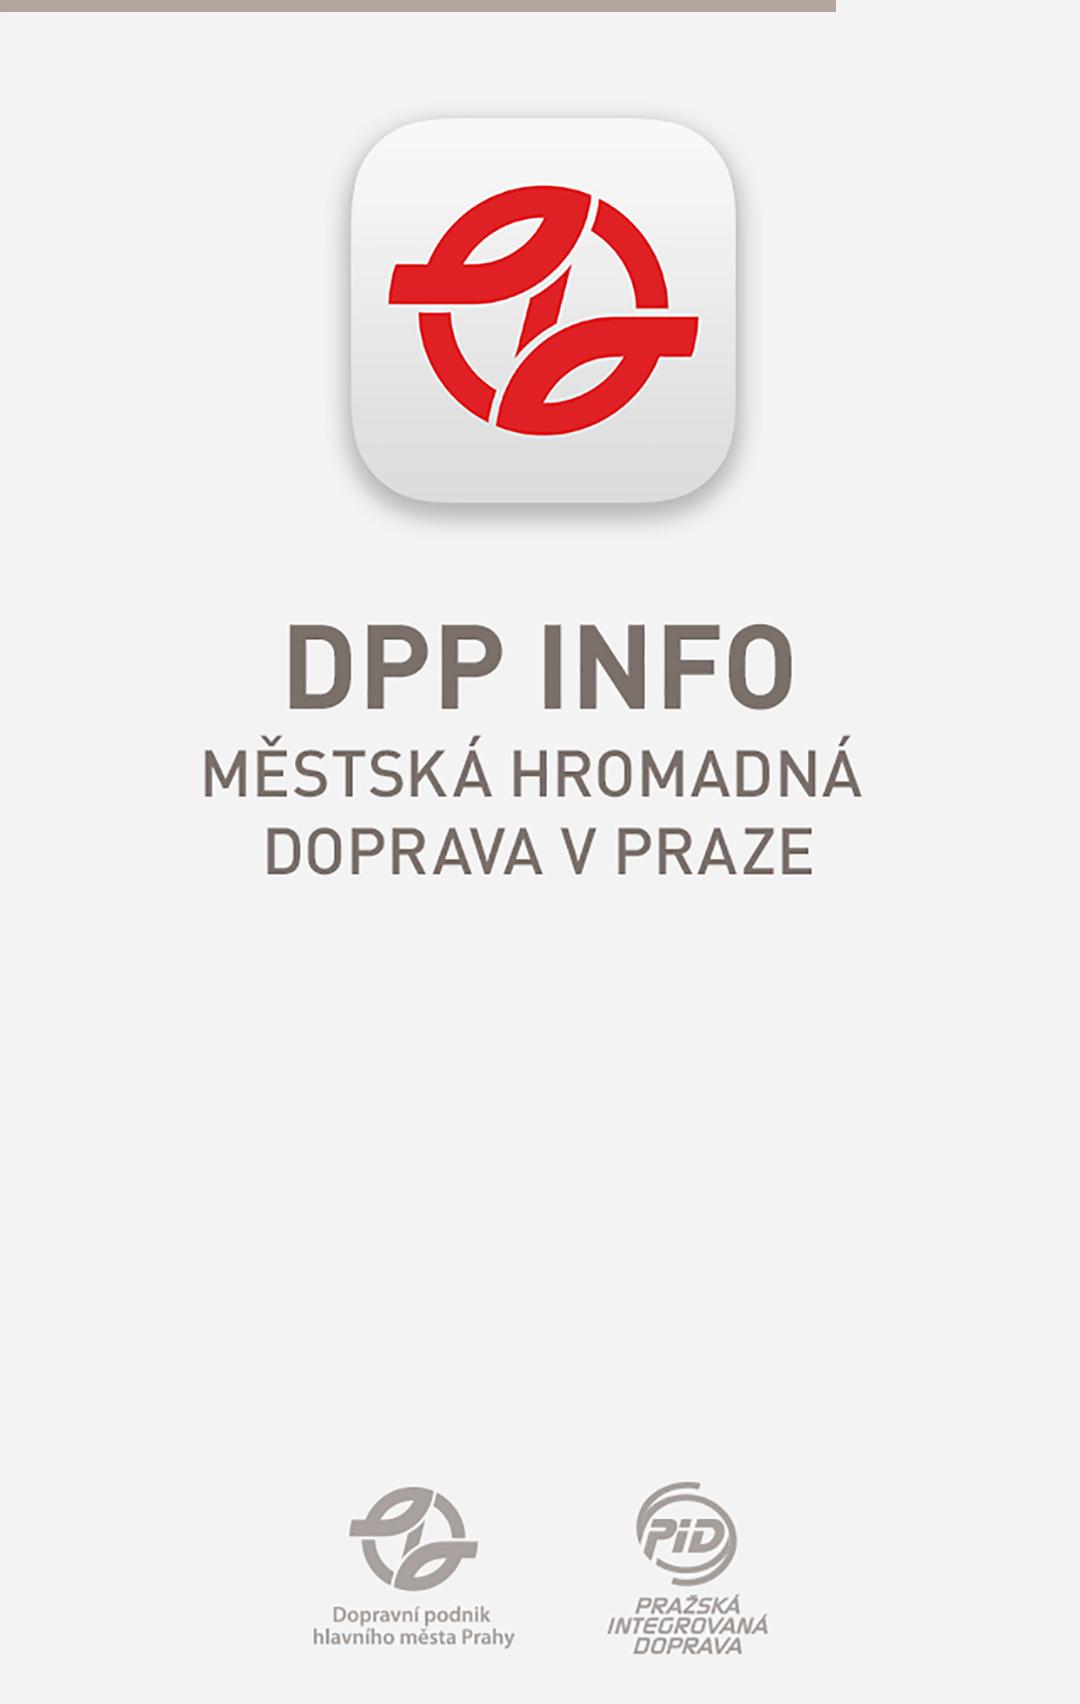 DPP - aplikace screenshot 20